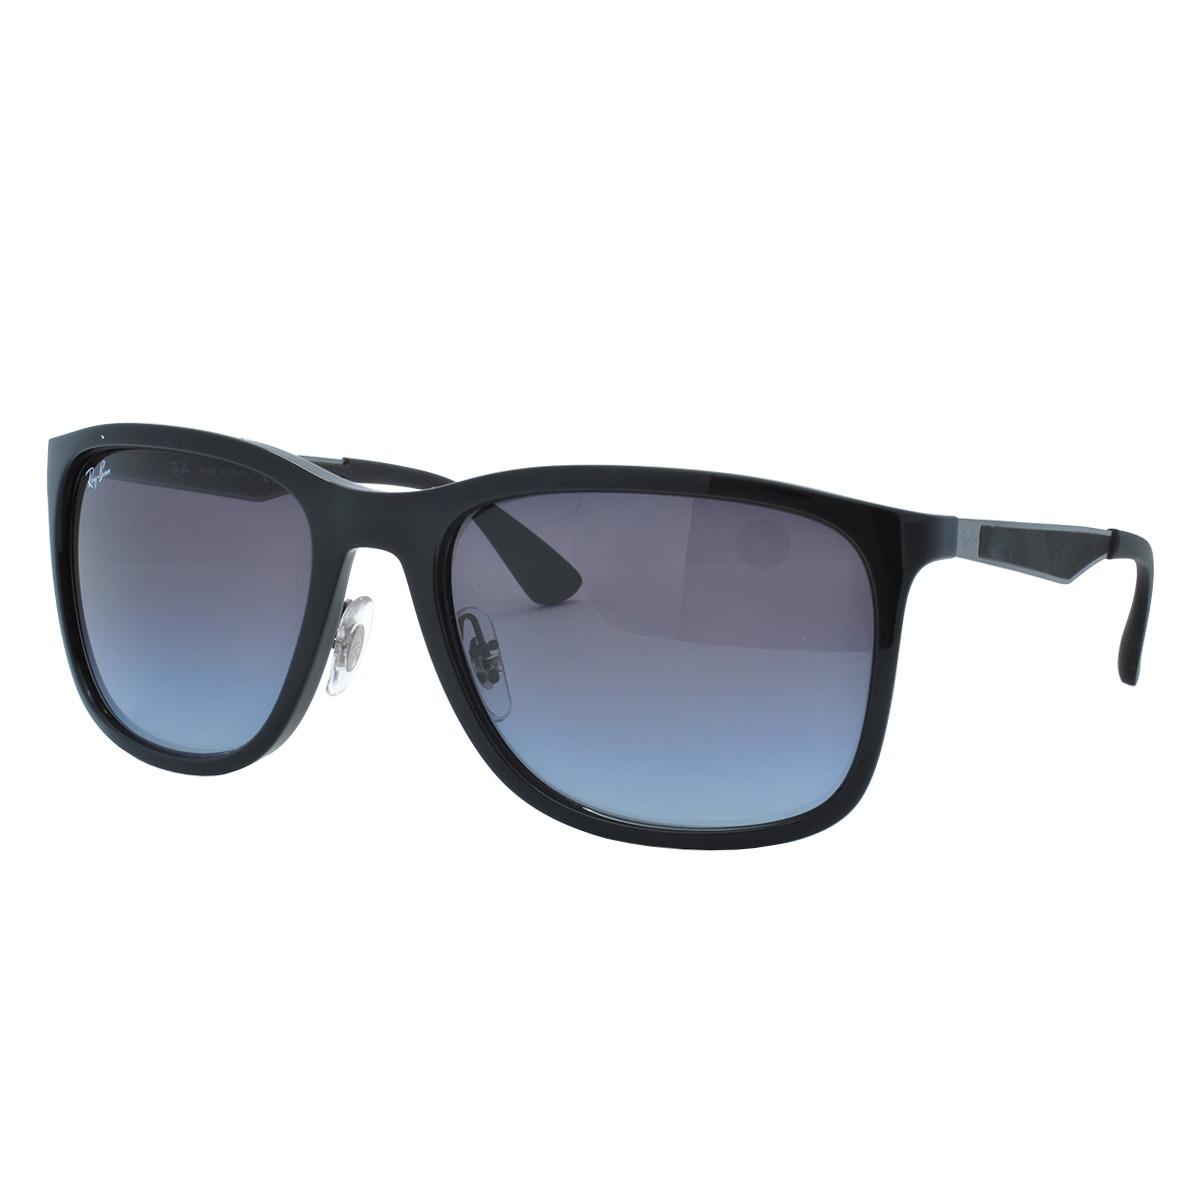 ebd4c270d óculos de sol ray ban original masculino rb4313 601/8g58. Carregando zoom.